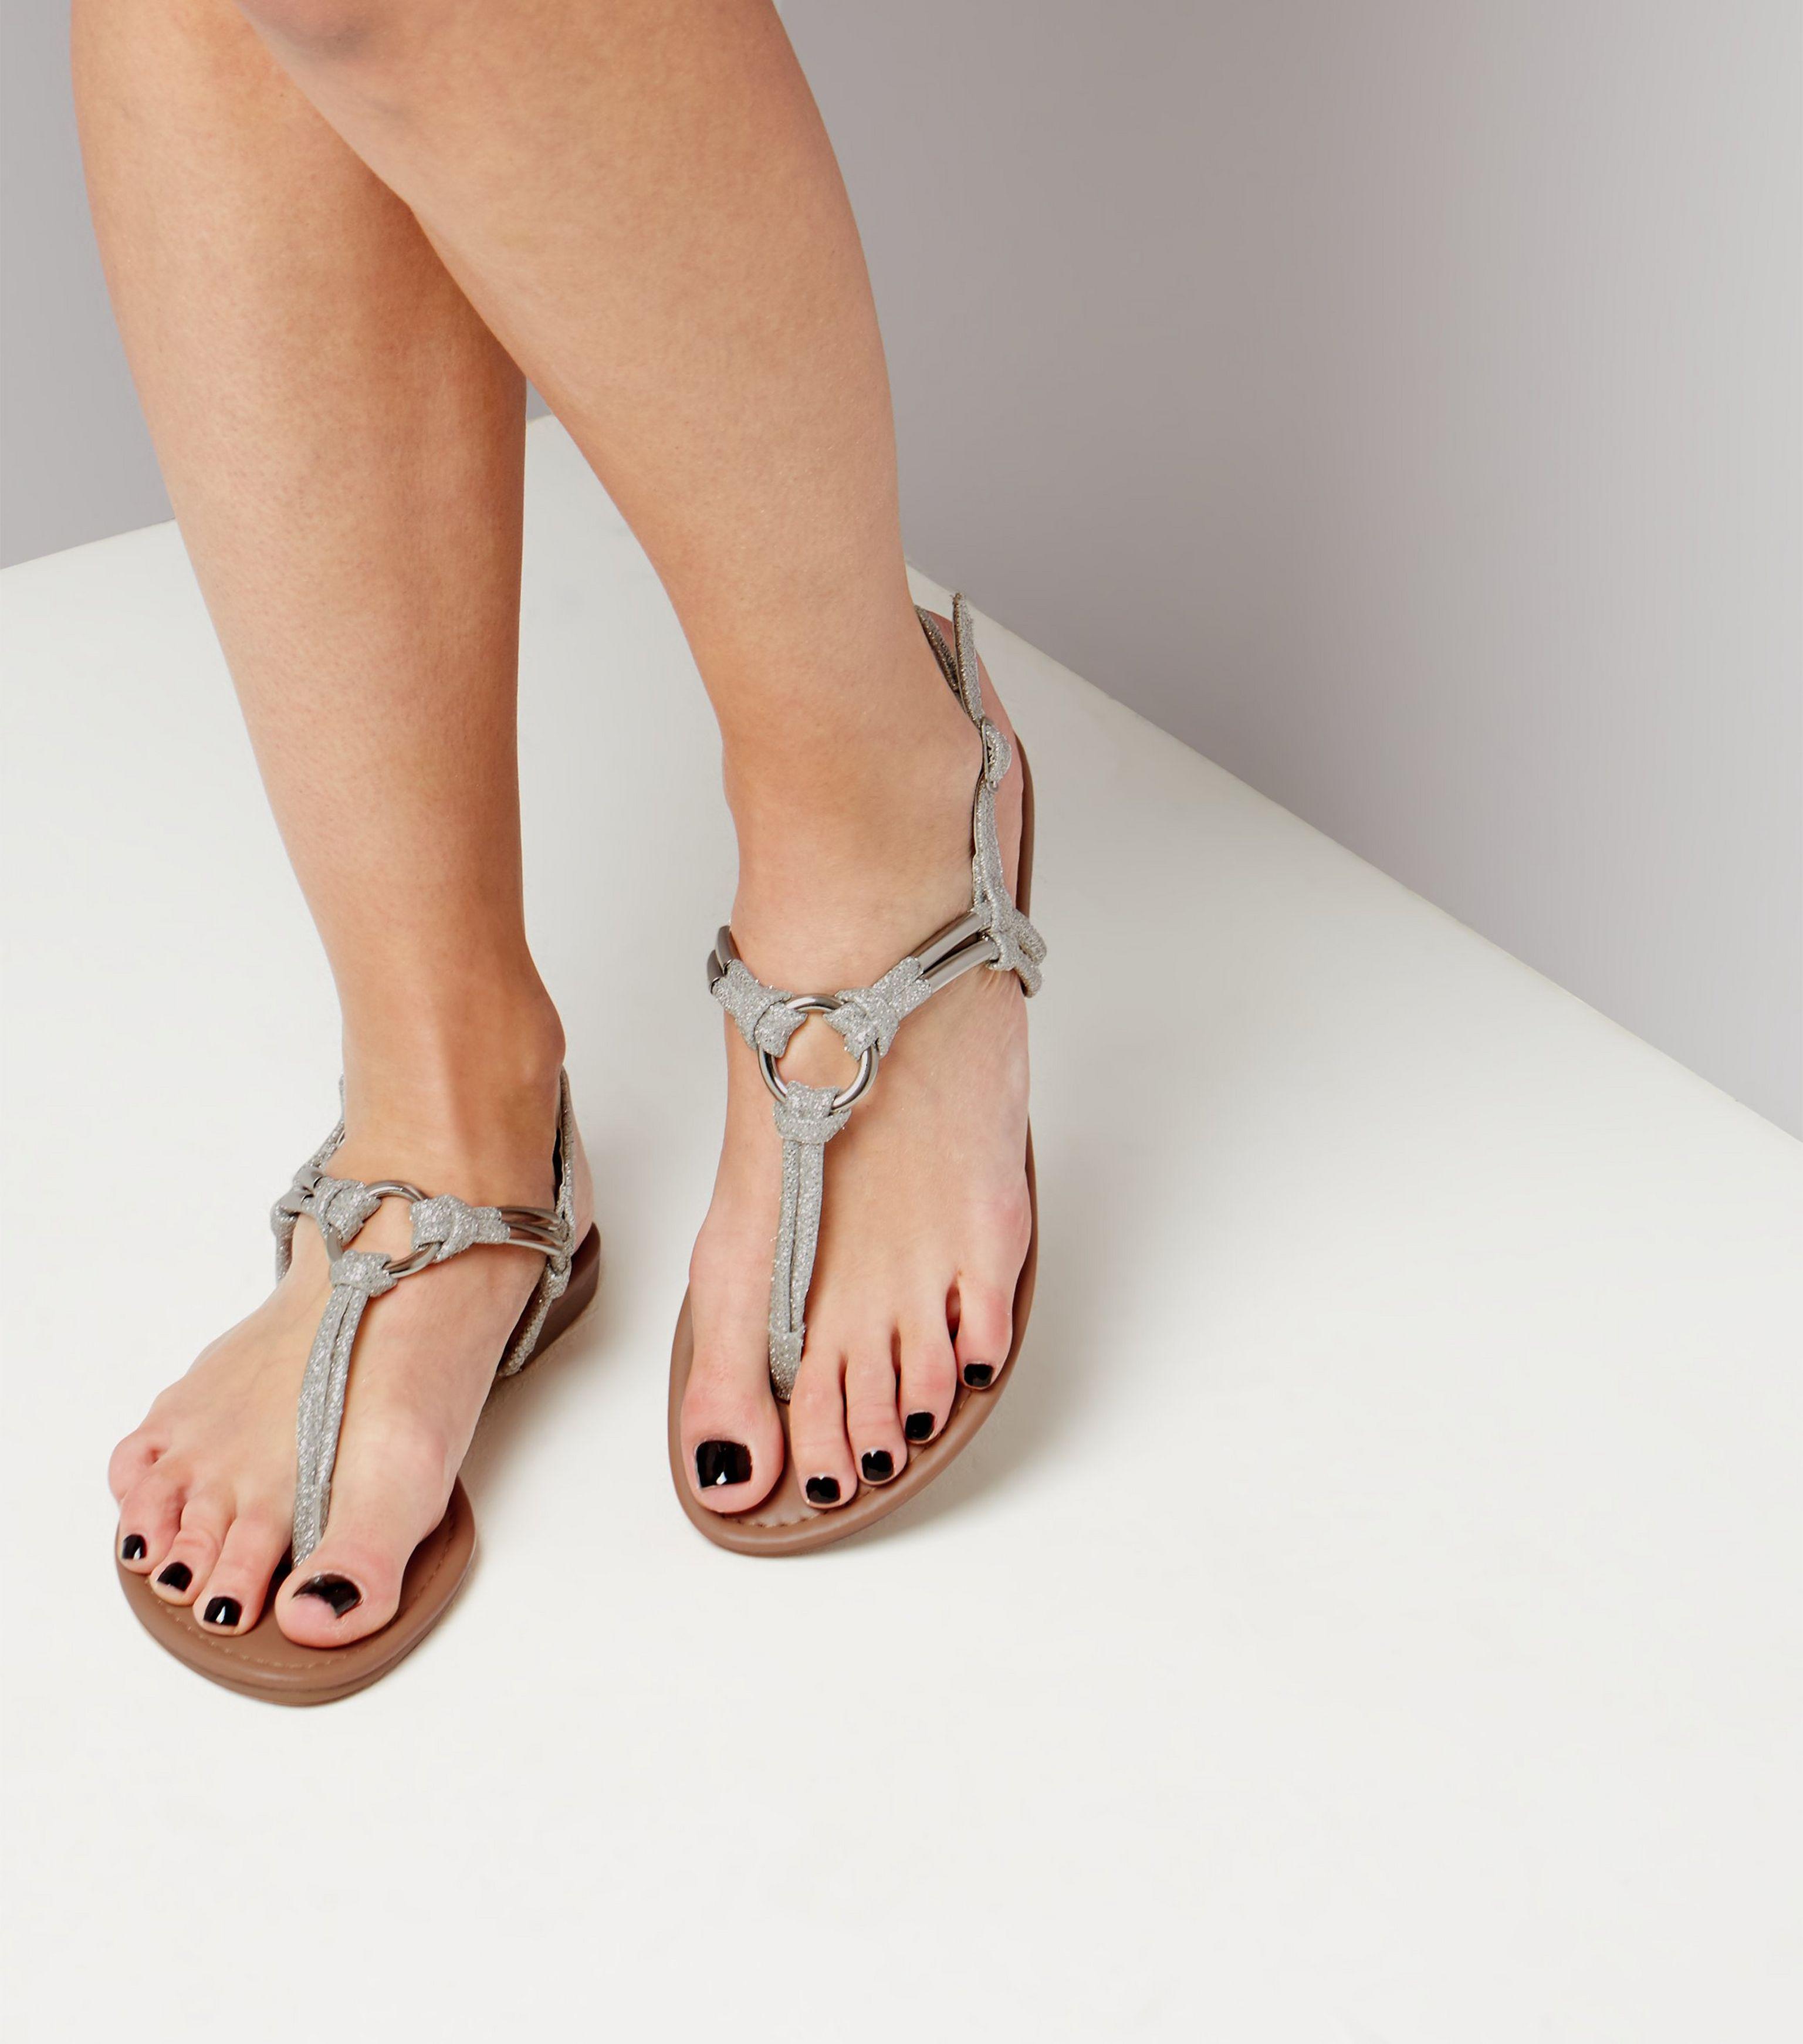 d641d6b4e3cd New Look Silver Glitter Metal Ring Toe Post Sandals in Metallic - Lyst